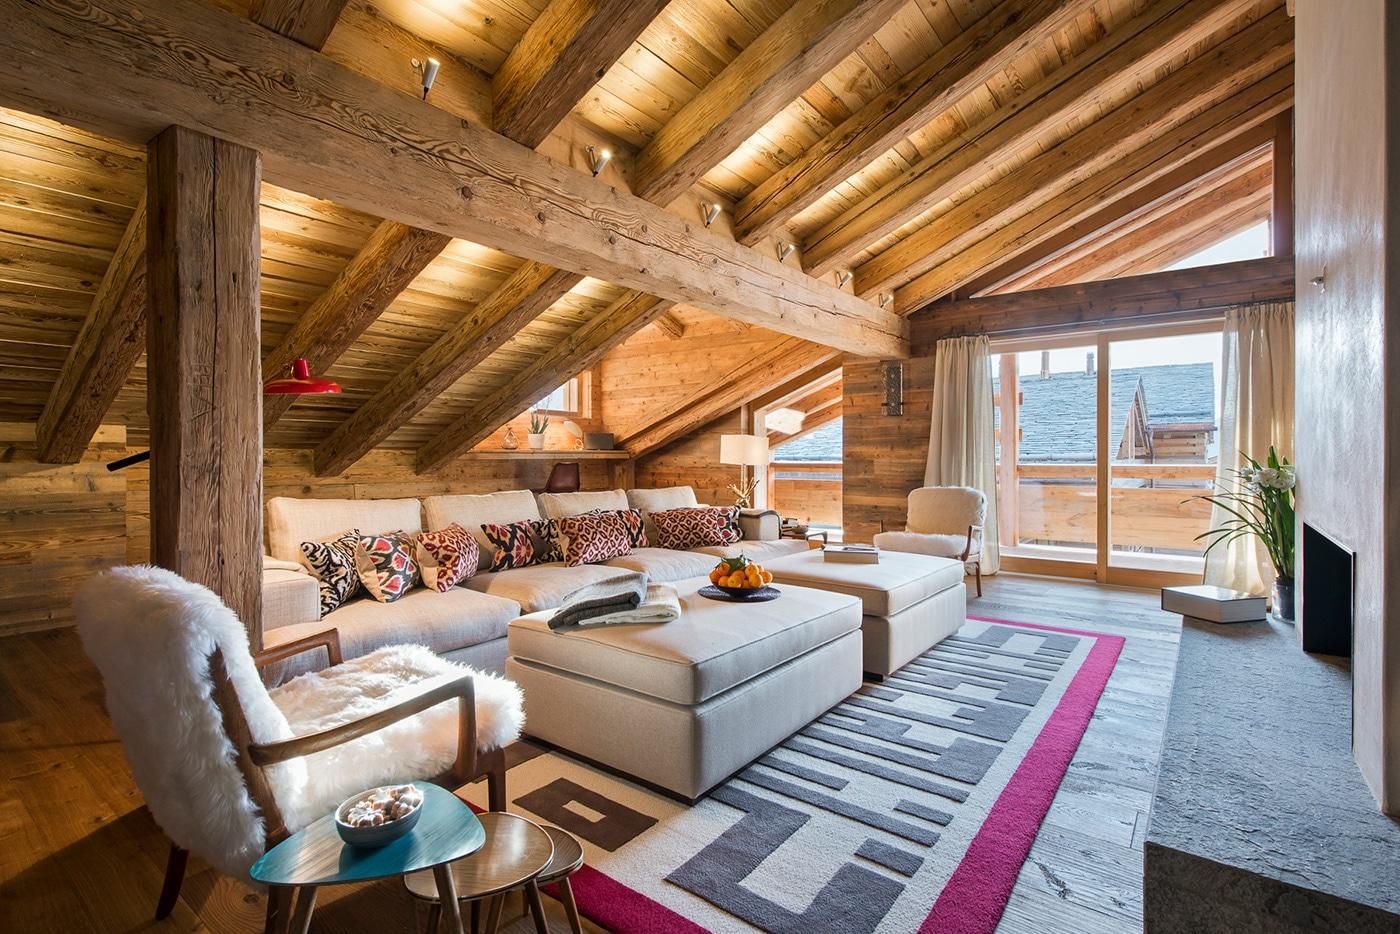 melian_randolph_duplex_Alpes_suizos_4